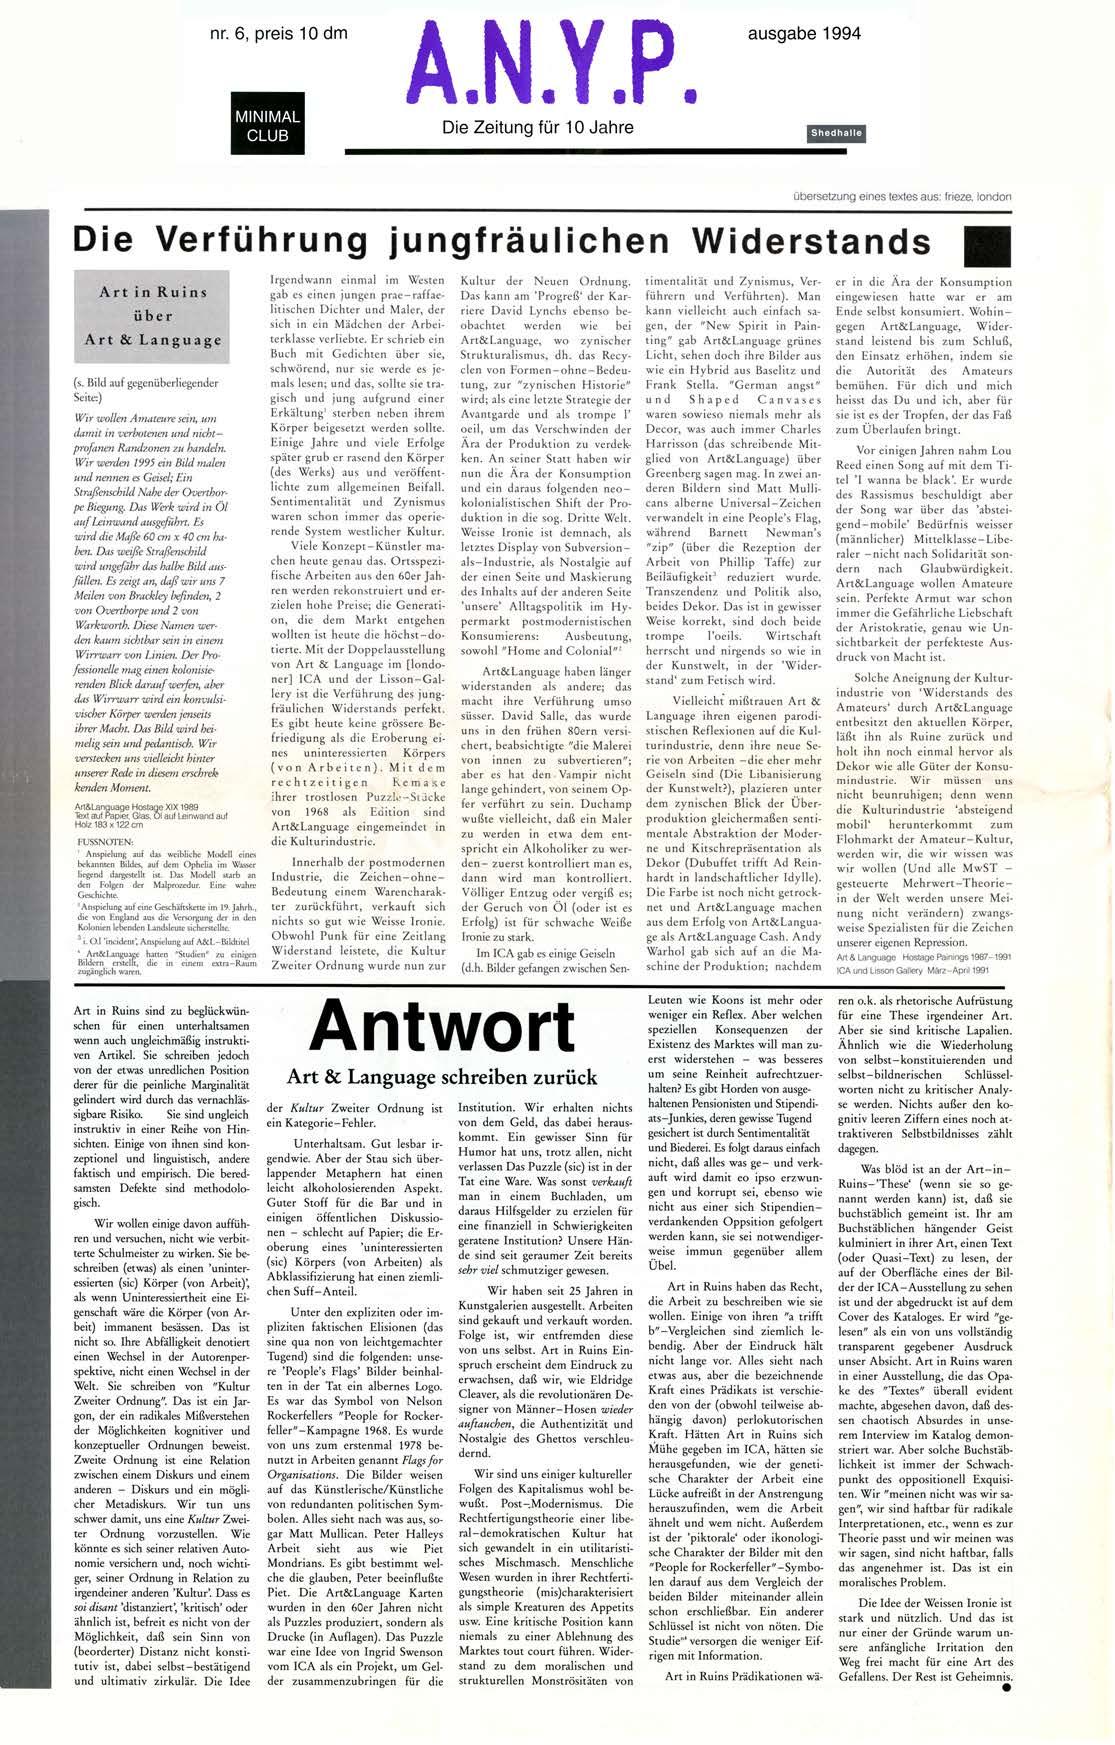 'DIE VERFÜHRUNG JUNGFRÄULICHEN WIDERSTANDS' Art in Ruins über Art & Language.  Art & Language schreiben zurück. ANYP  No 4  1992